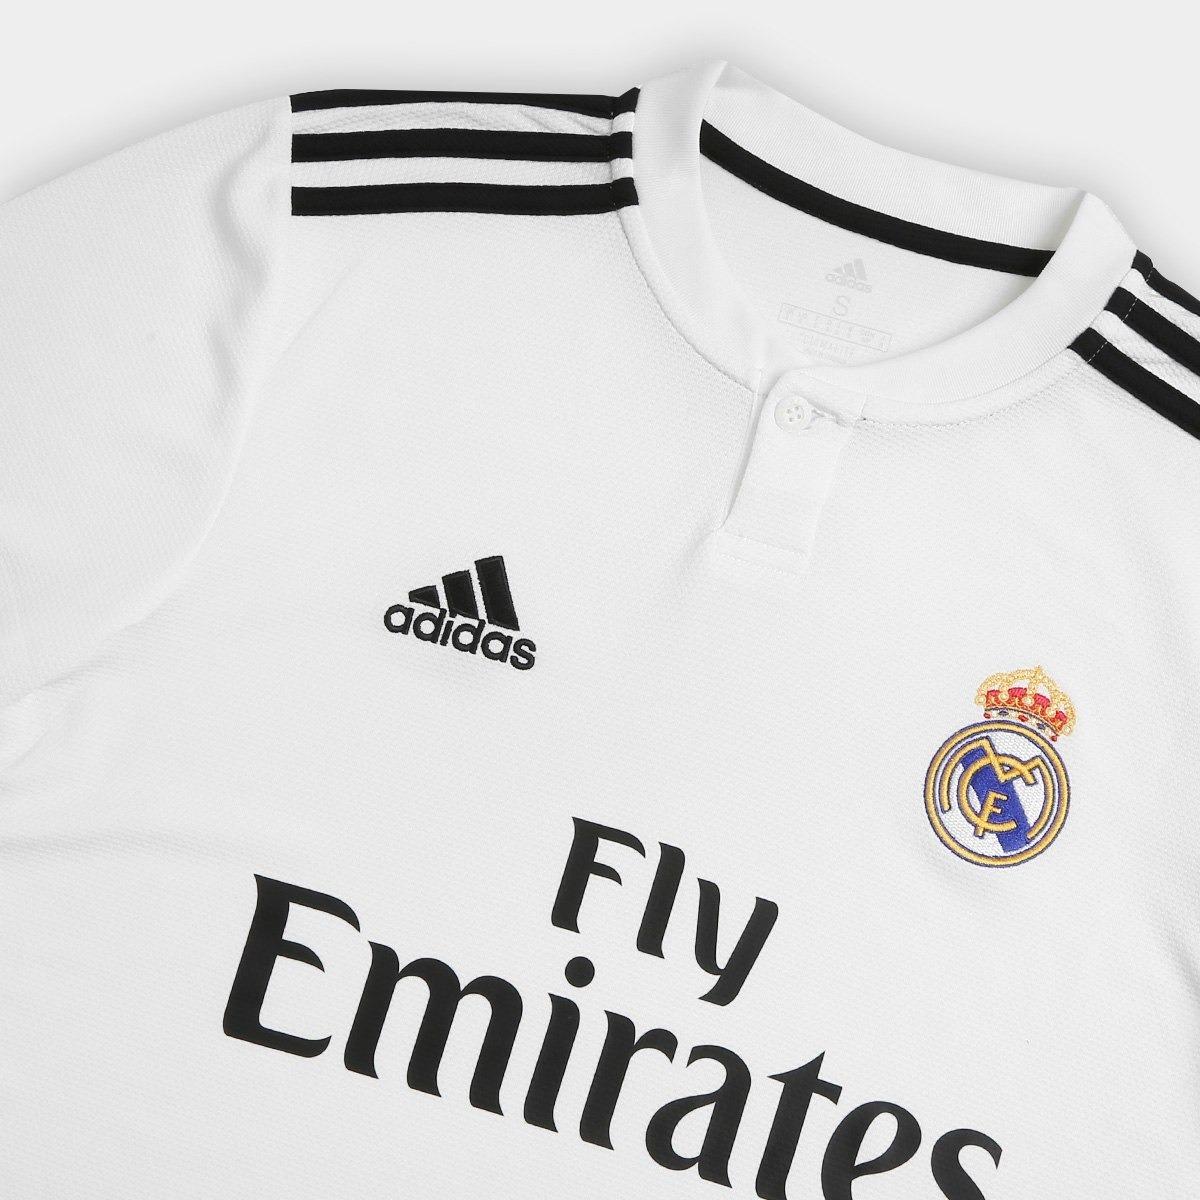 camisa real madrid oficial torcedor 18 19 frete - grátis. Carregando zoom. 6b045ac92bb06